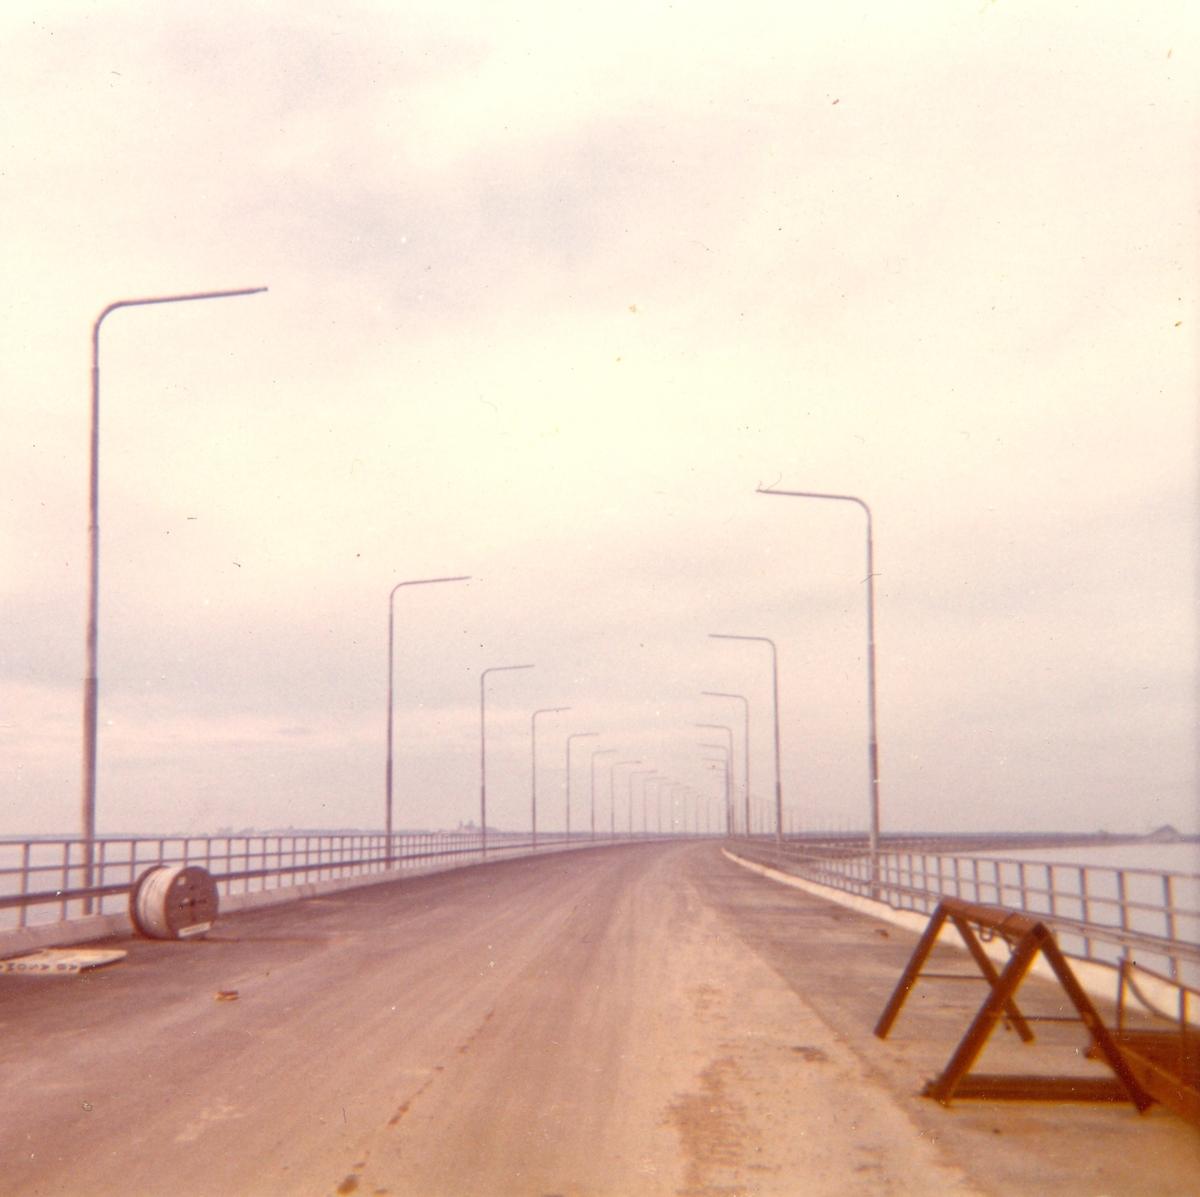 Motiv från Ölandsbron.